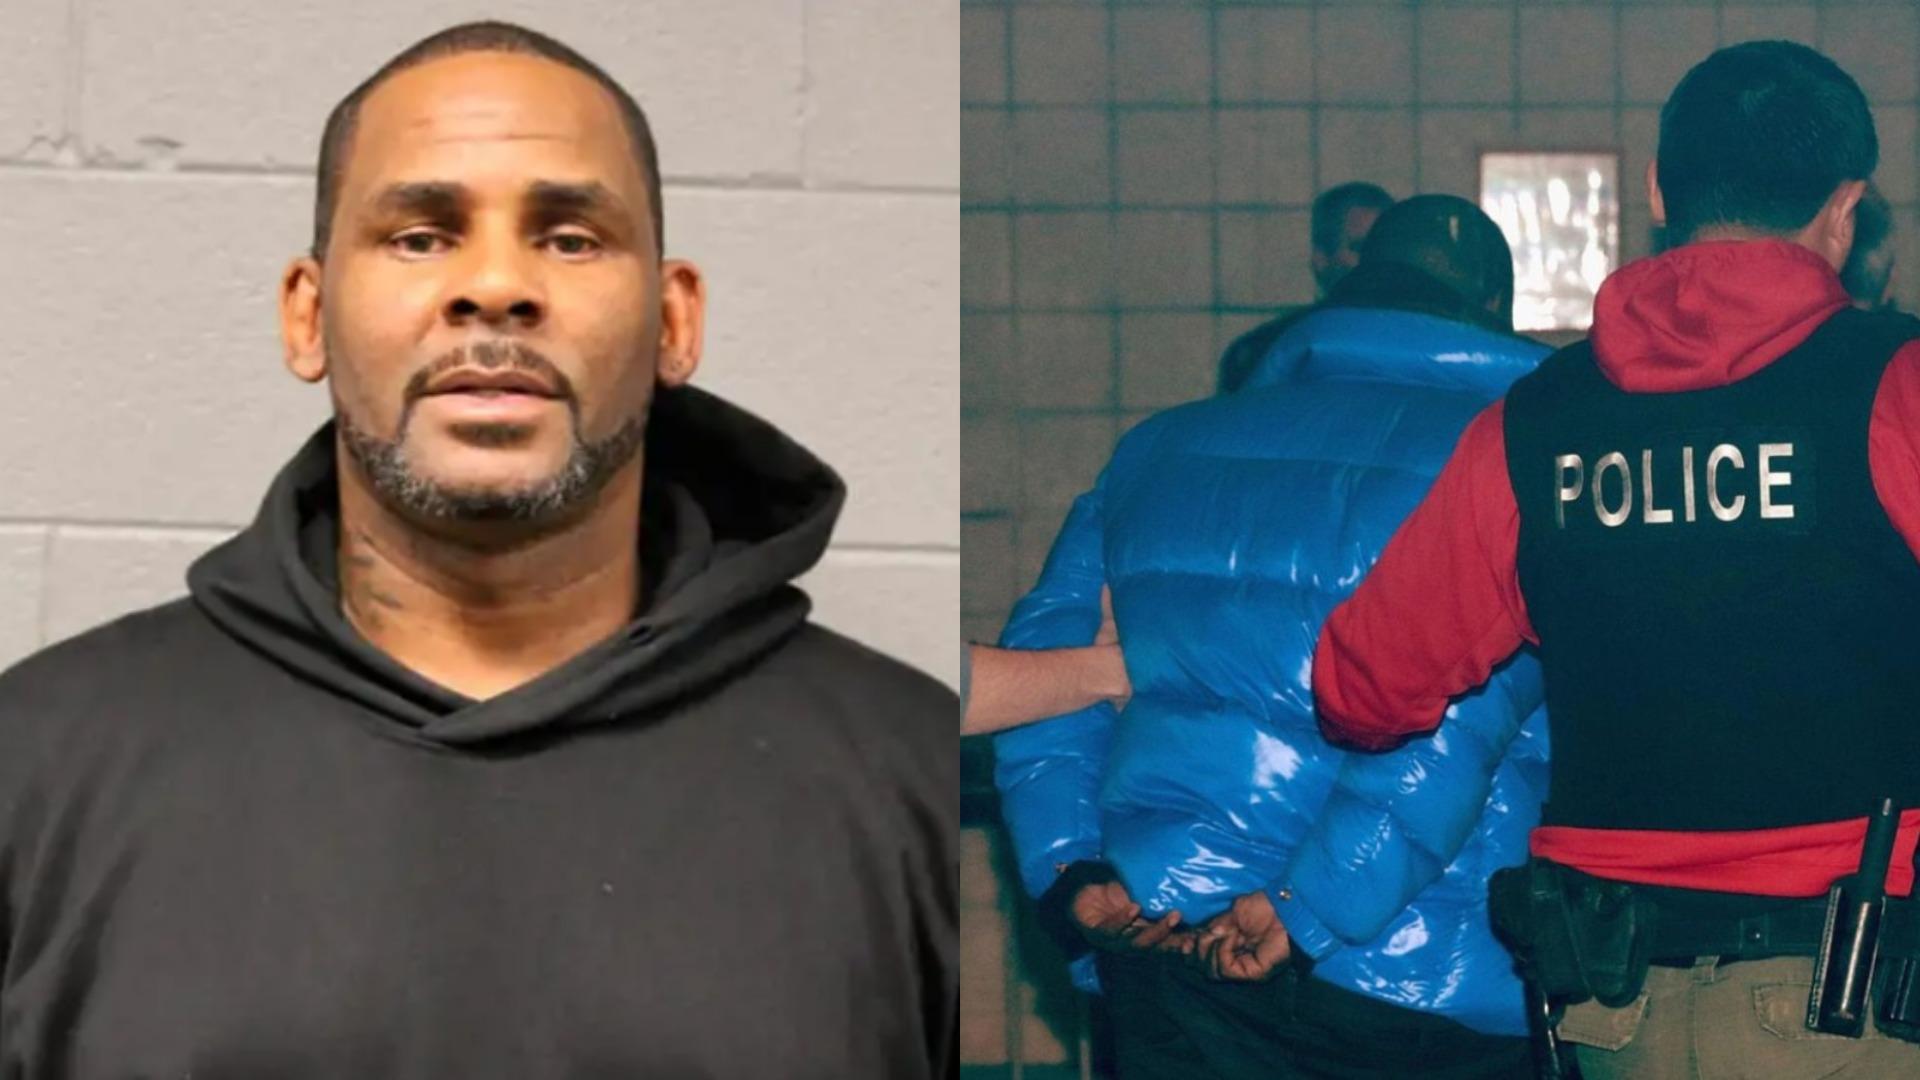 R. Kelly mugshot released after arrest